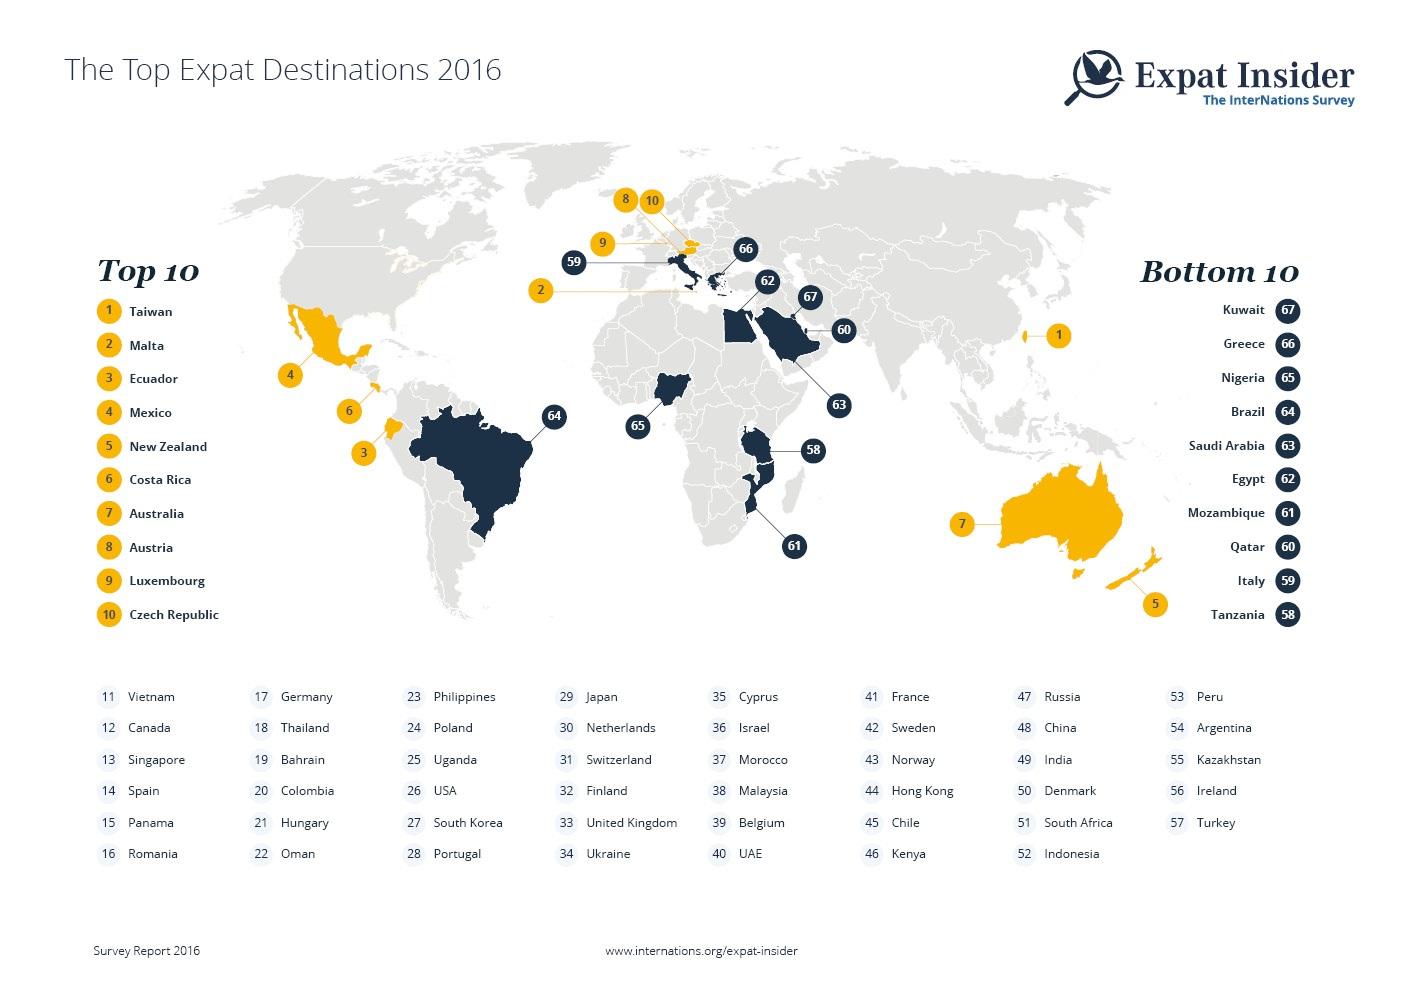 Bảng xếp hạng toàn cầu những điểm đến tốt nhất với cộng đồng người sống và làm việc ở nước ngoài năm 2016. (Ảnh: InterNations)